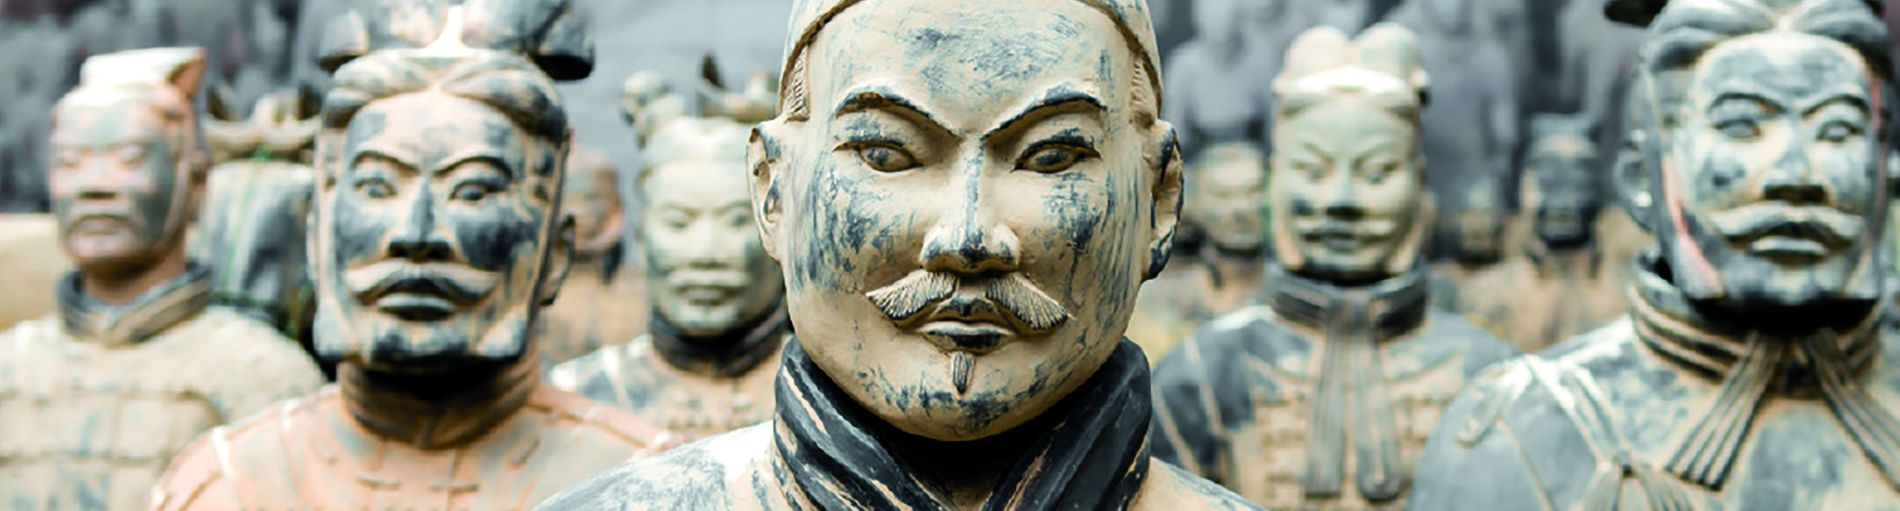 Chinesische Soldaten aus Terrakotta stehen in Reih und Glied